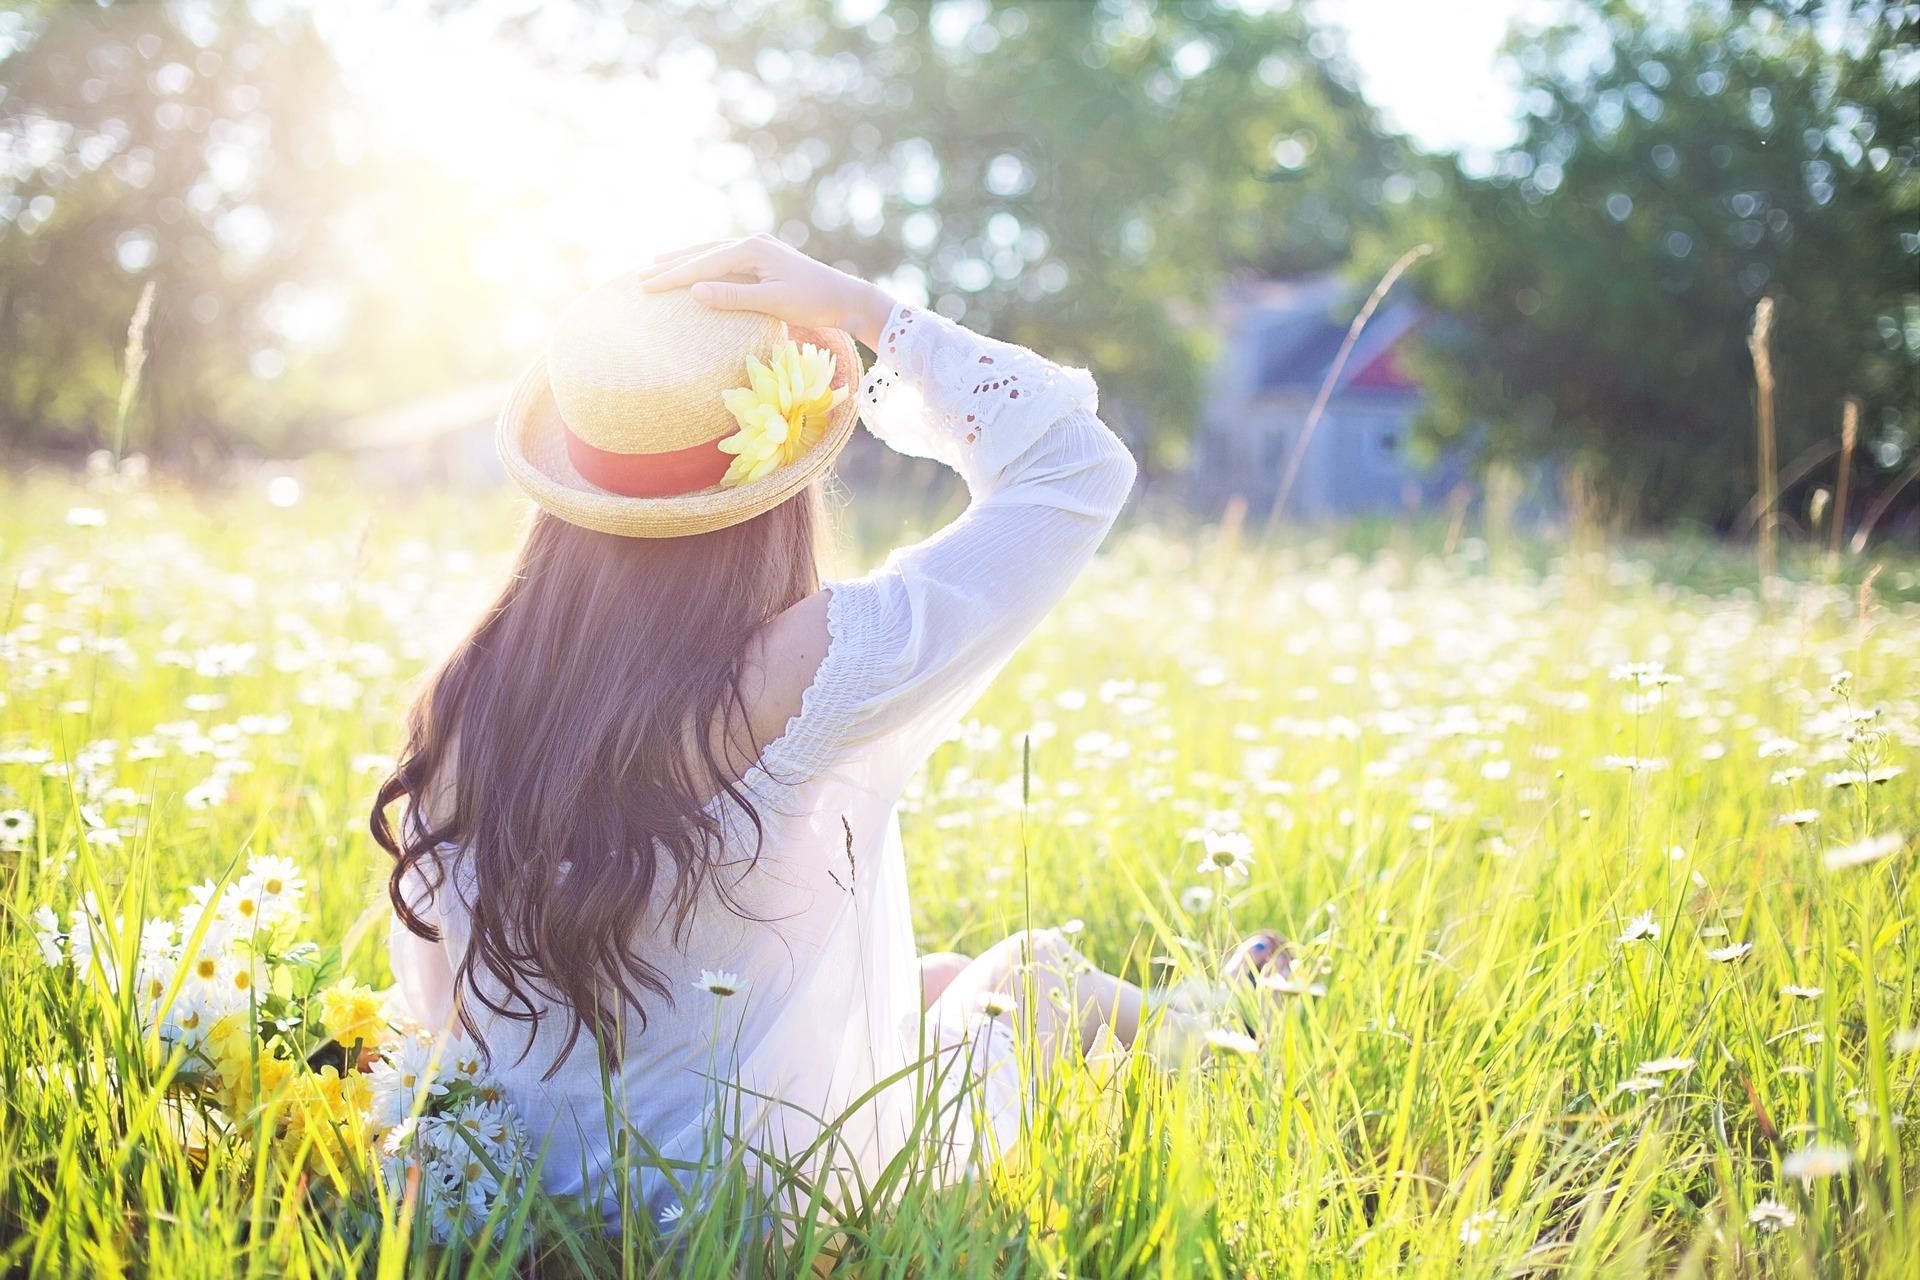 Comment adopter la Slow attitude ? Je vous donne mes astuces pour changer en douceur ses habitudes de vie.